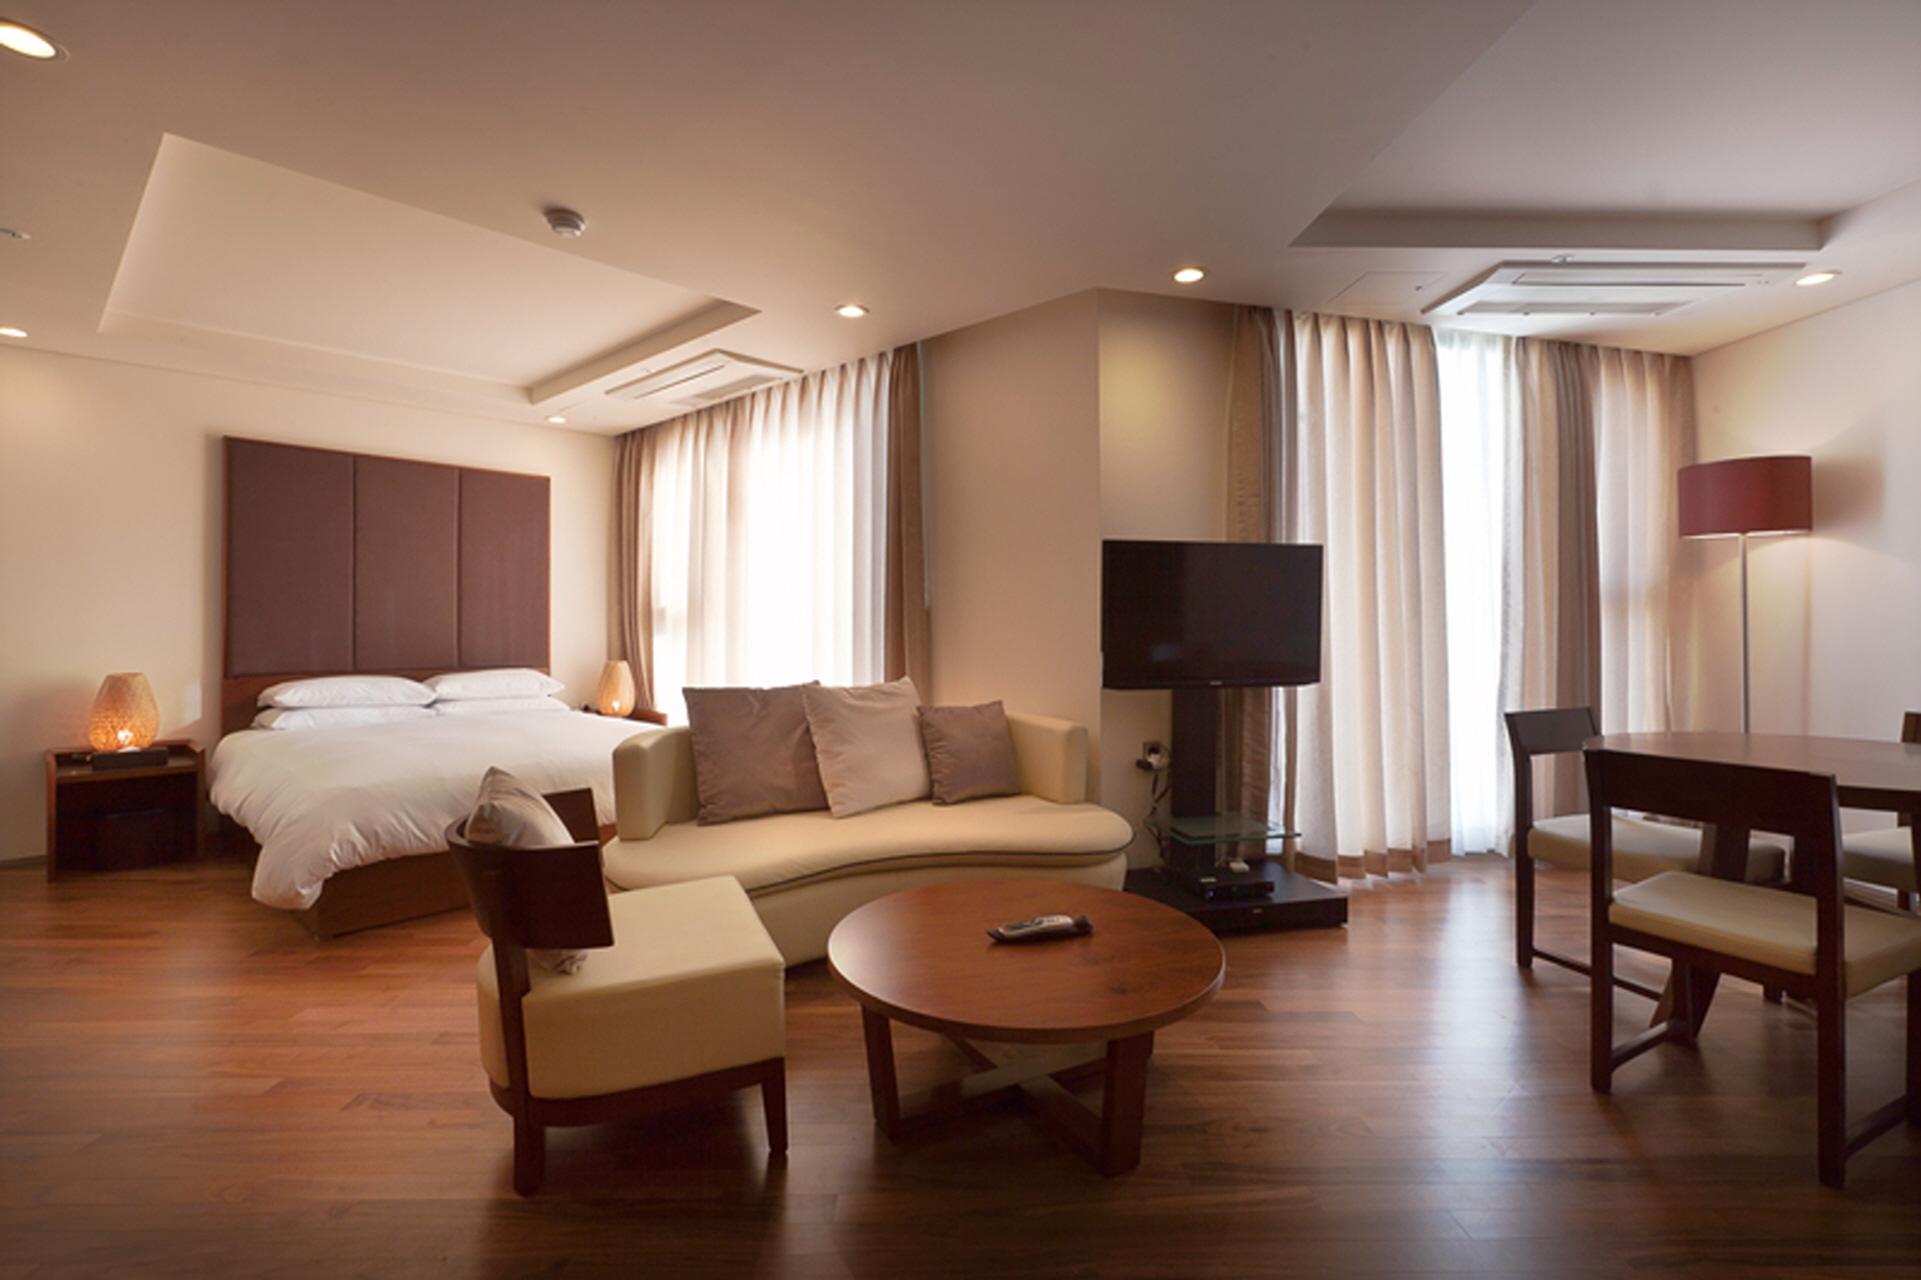 서귀포 디아일랜드블루 호텔 썸네일2